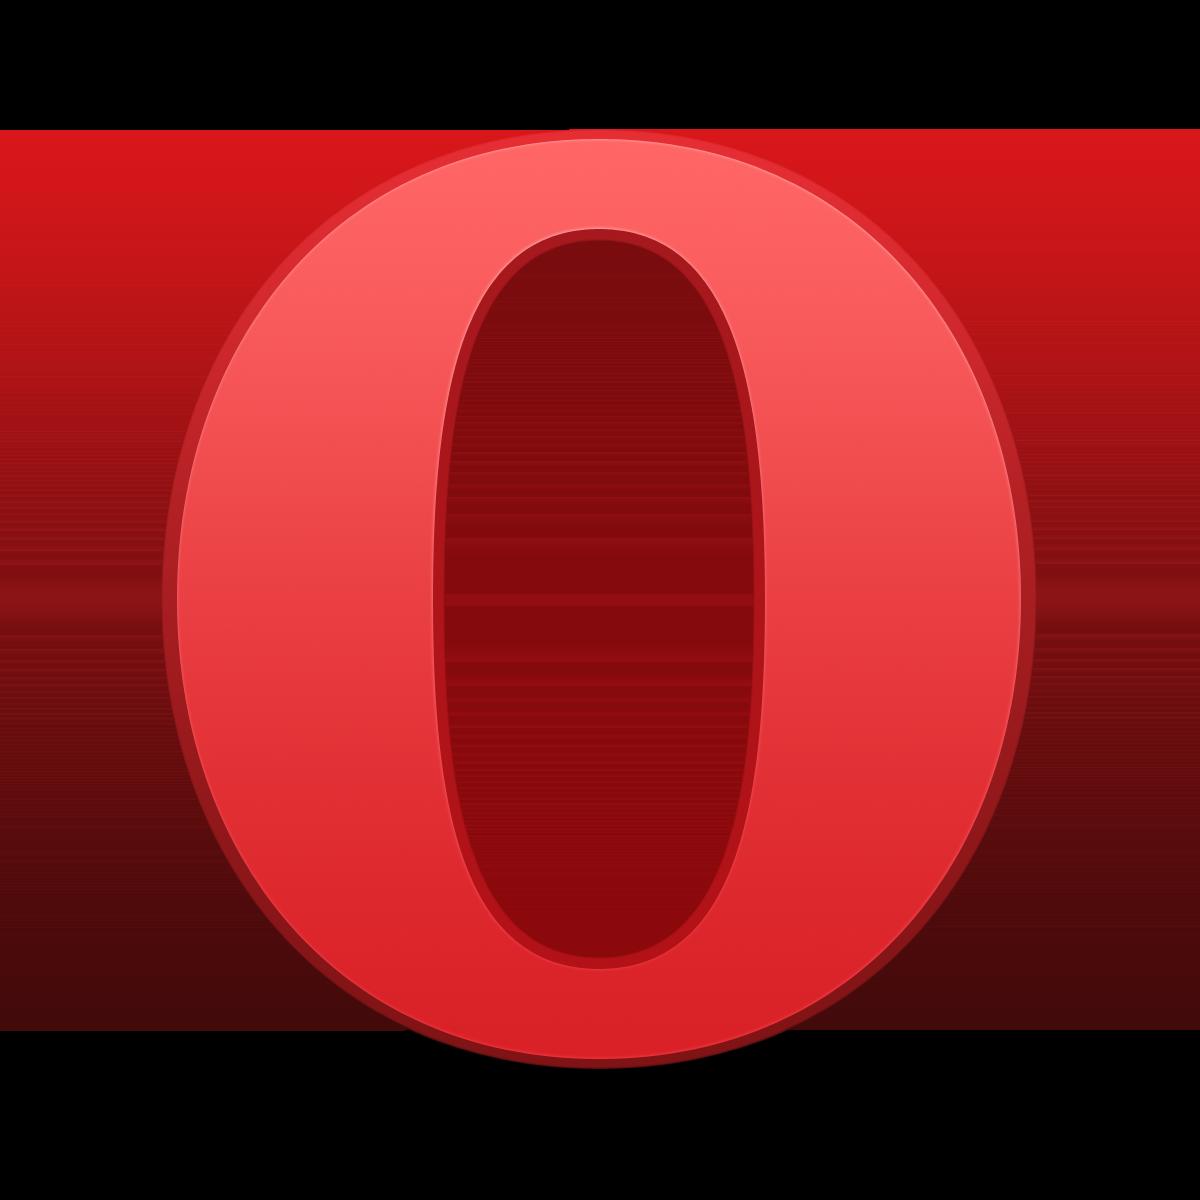 Neue Version von Opera für Android bringt Verbesserung bei der Datenkompression und Tab-Synchronisation mit